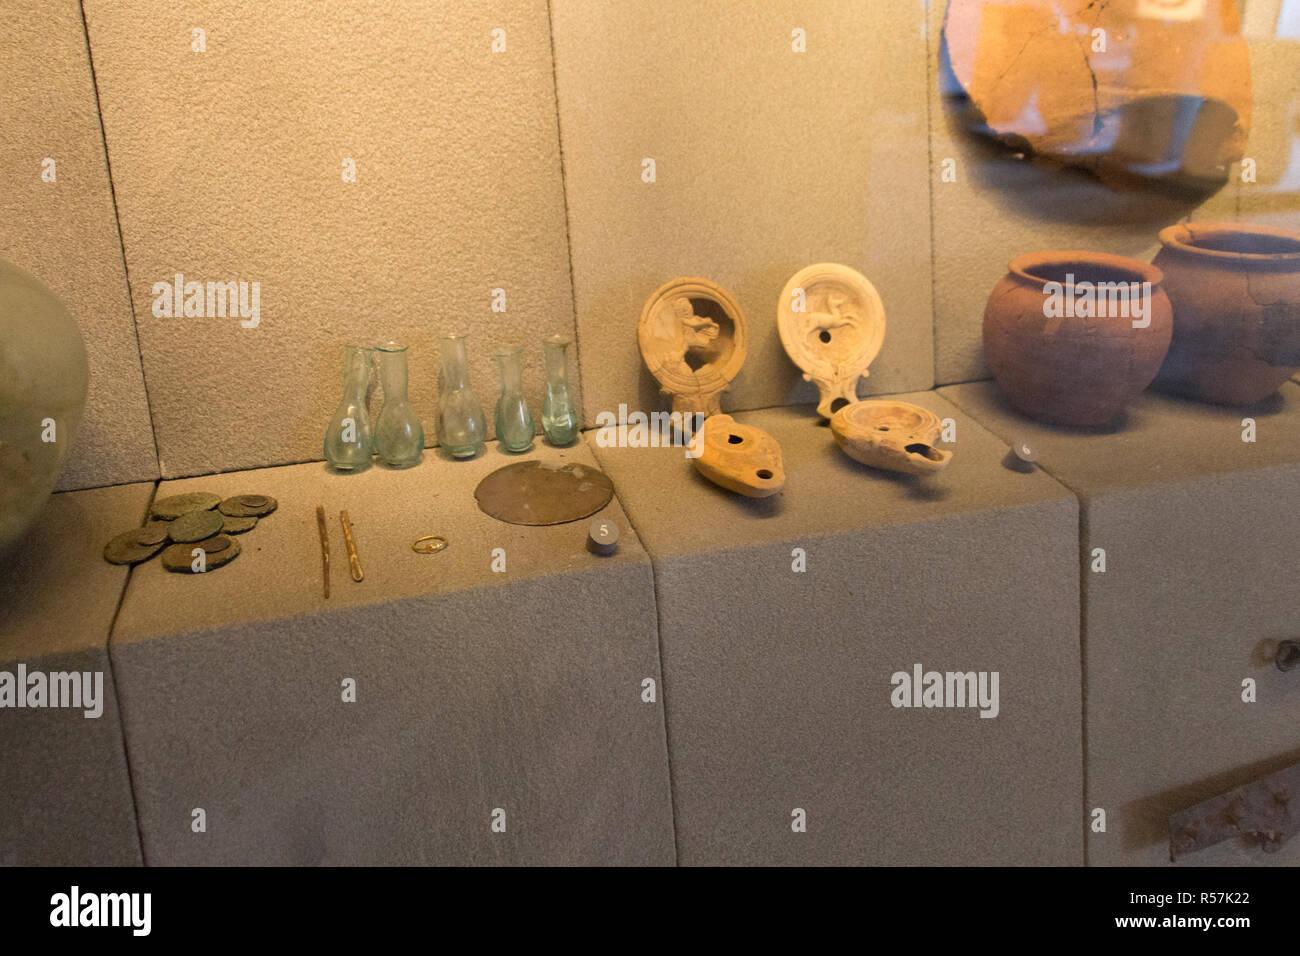 L'Italie, Brescia - 24 décembre 2017: le point de vue des anciens sujets d'utilisation quotidienne dans le musée de Santa Giulia le 24 décembre 2017 à Brescia, Lombardie, JE Photo Stock